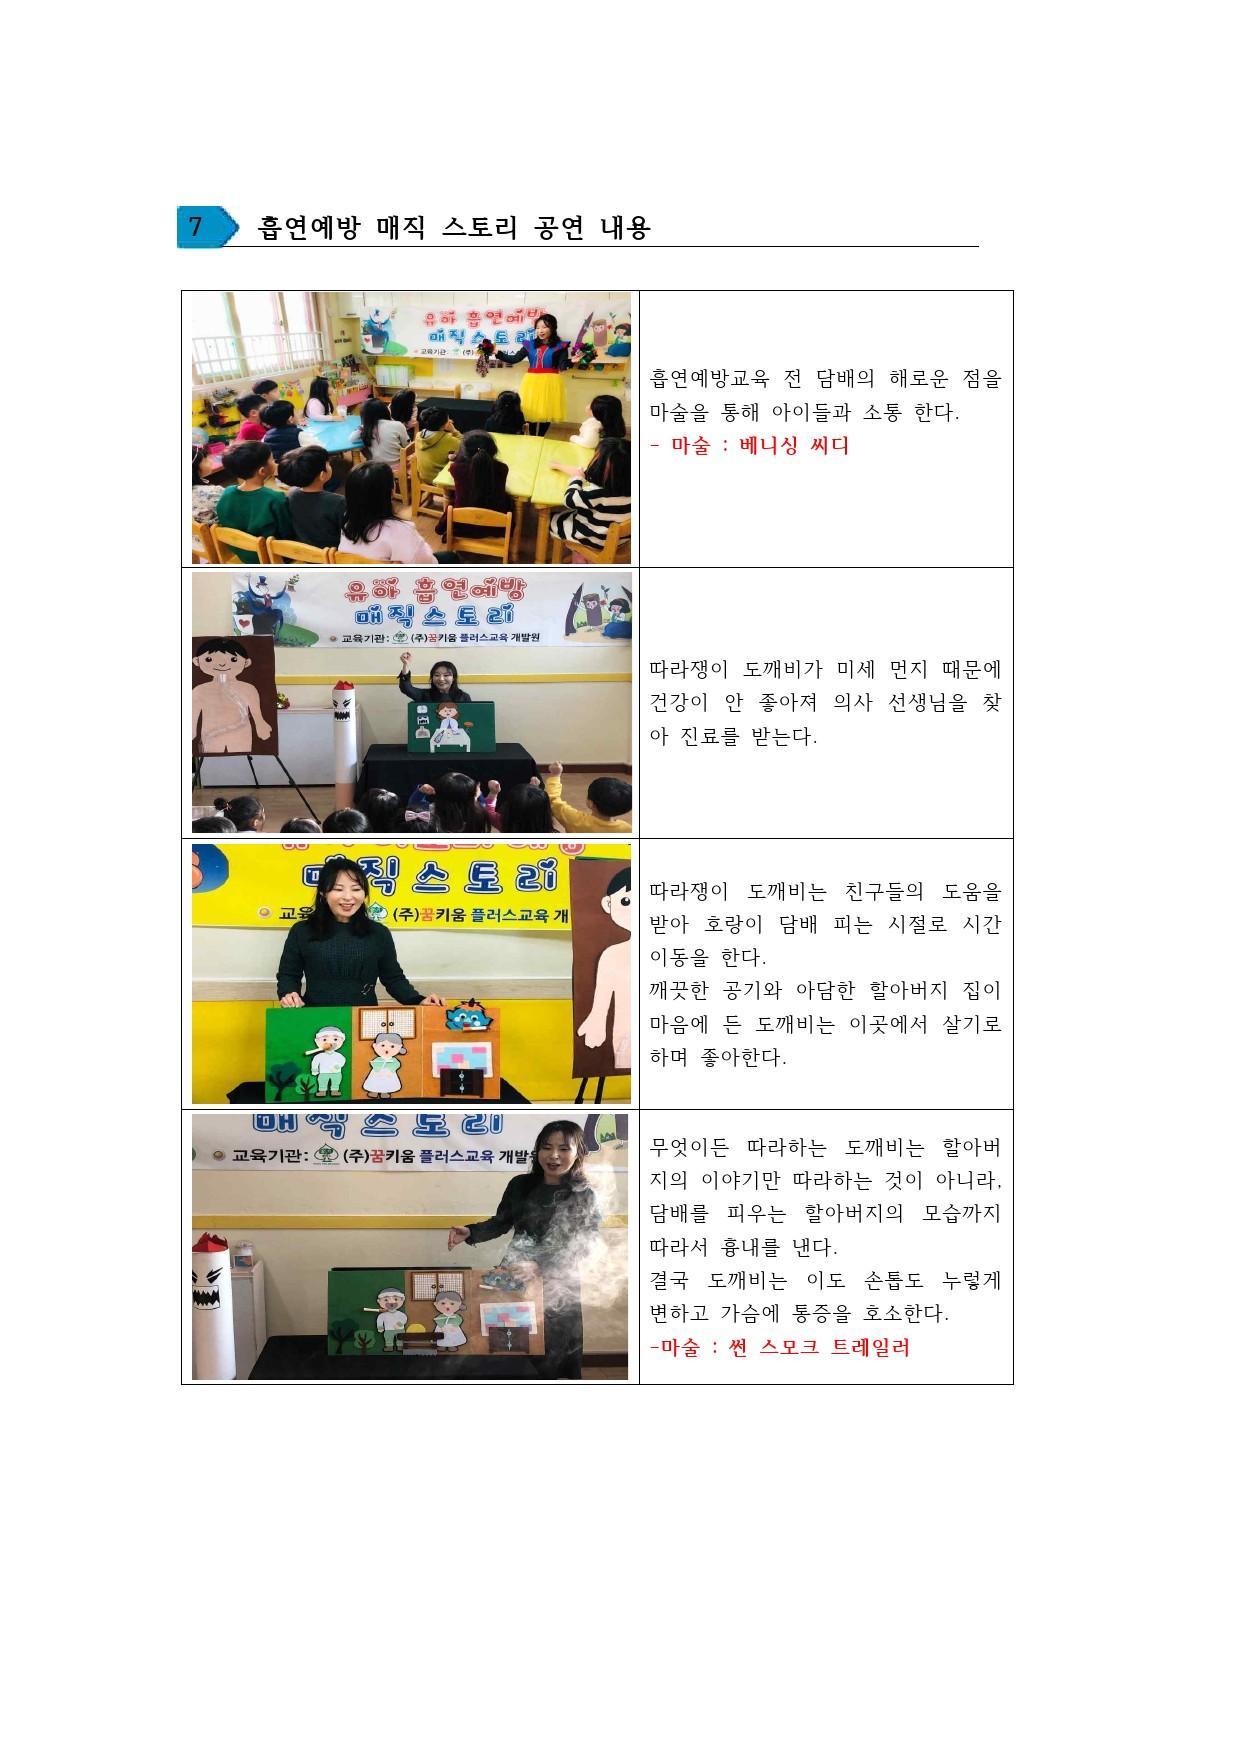 유아 흡연예방 매직스토리 (유치원, 초등 저학년)-5.jpg